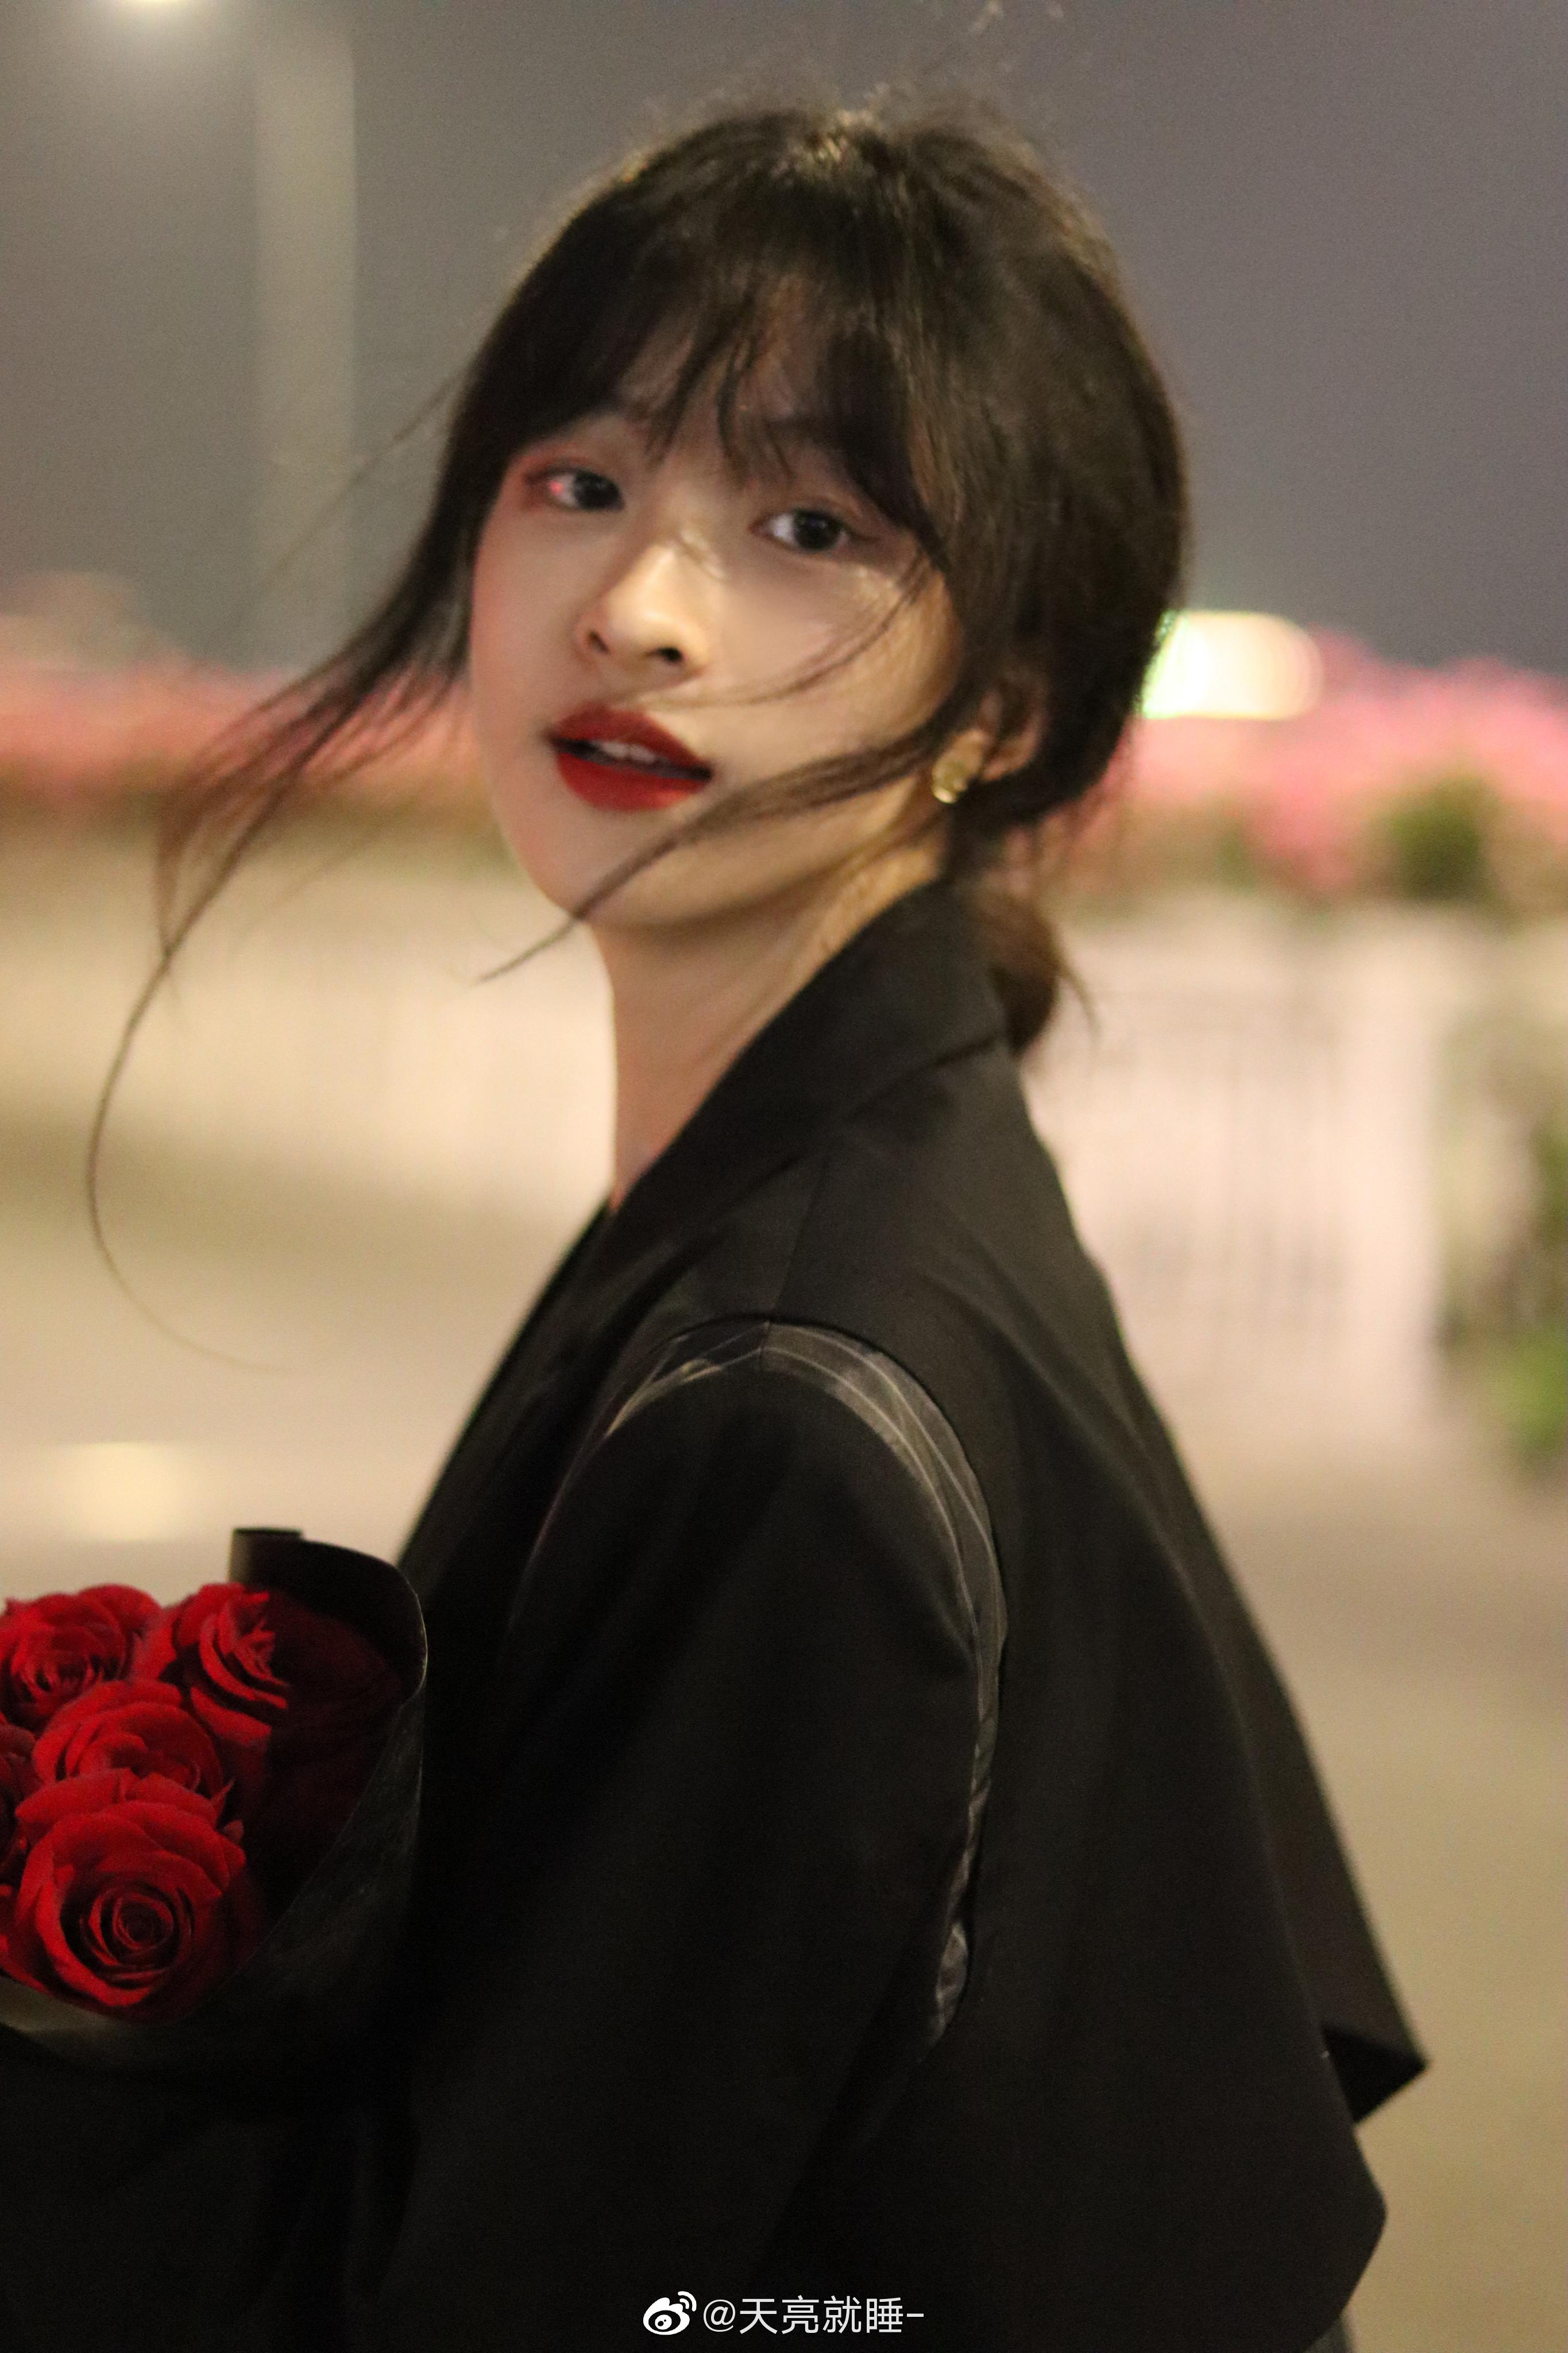 公主日记玫瑰到了花期我很想你美女